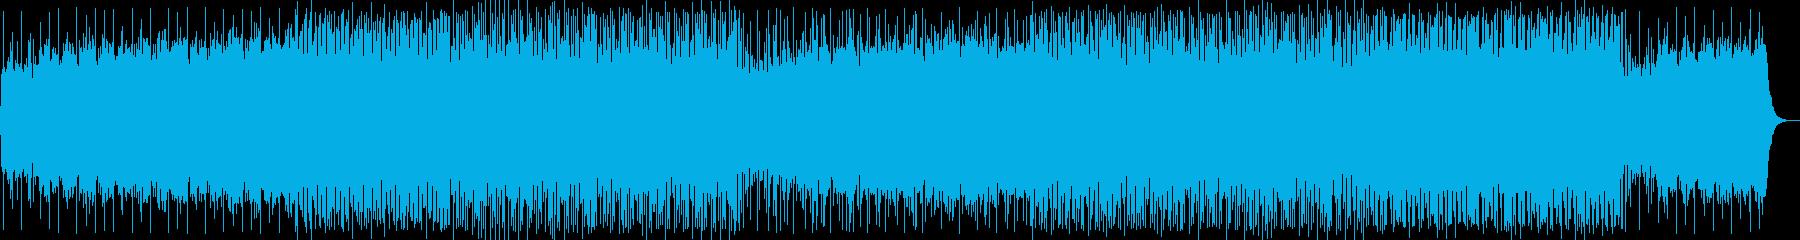 壮大な始まりの重厚なテクノ音の再生済みの波形